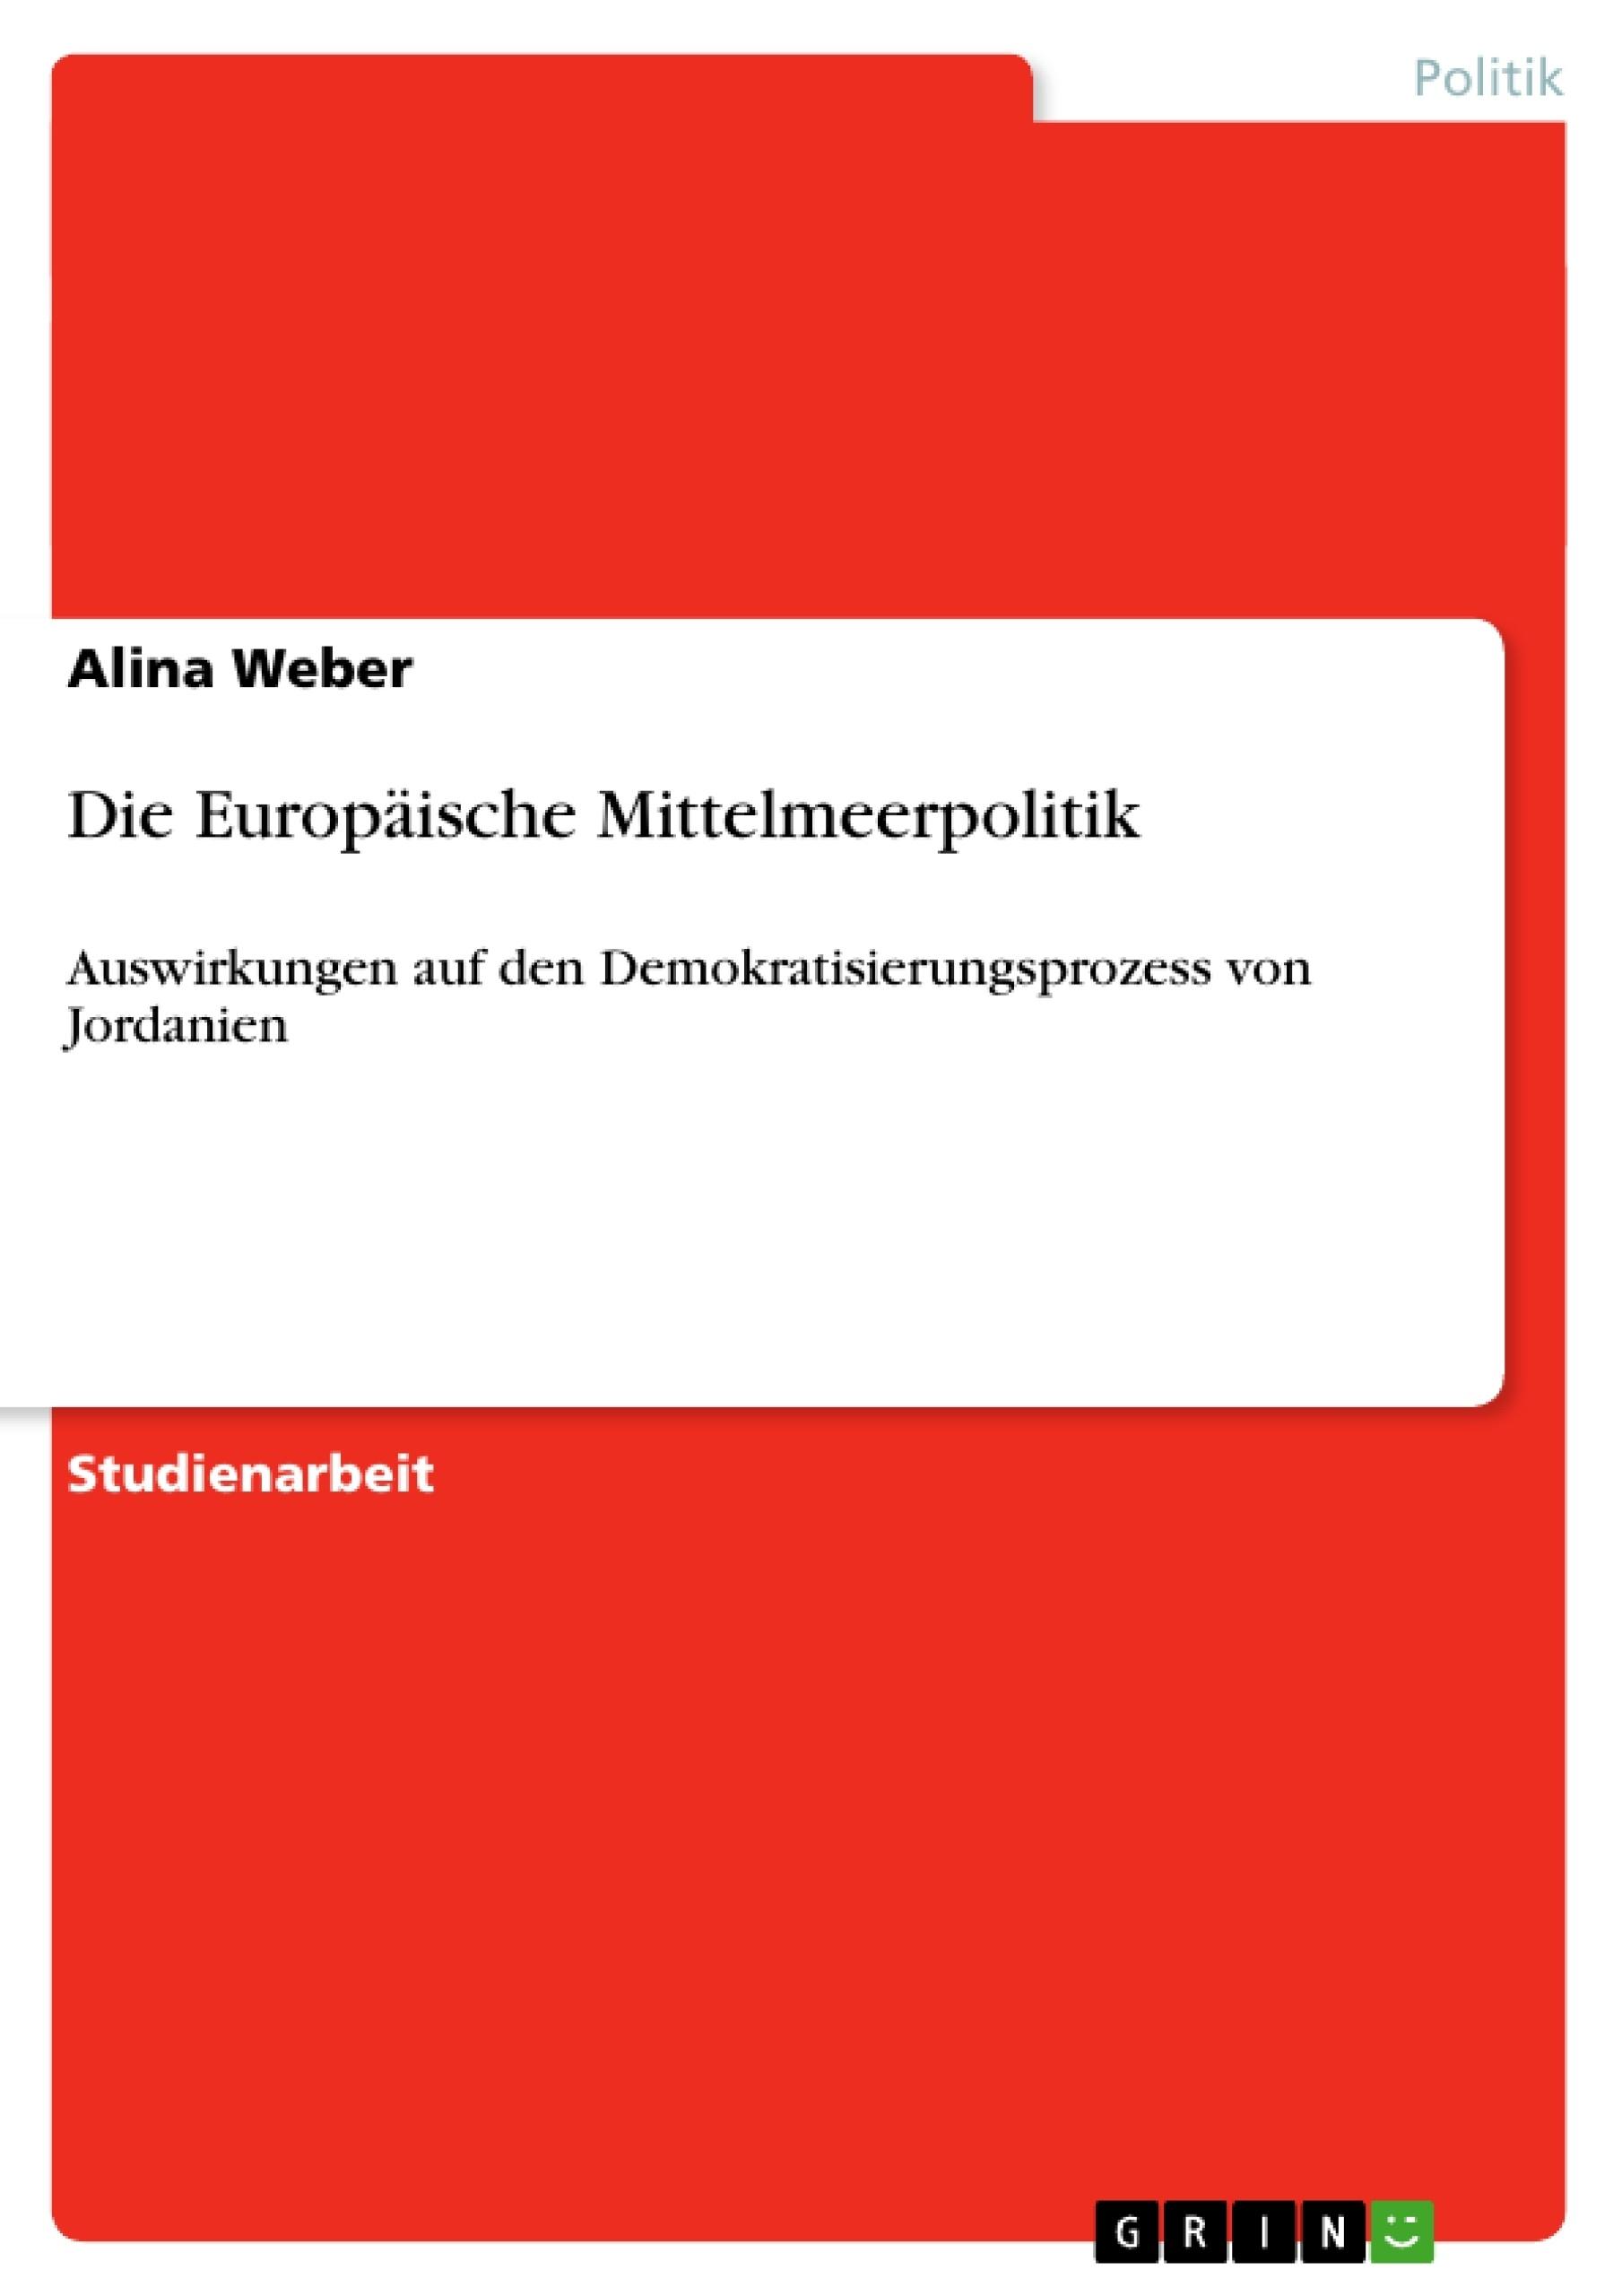 Titel: Die Europäische Mittelmeerpolitik